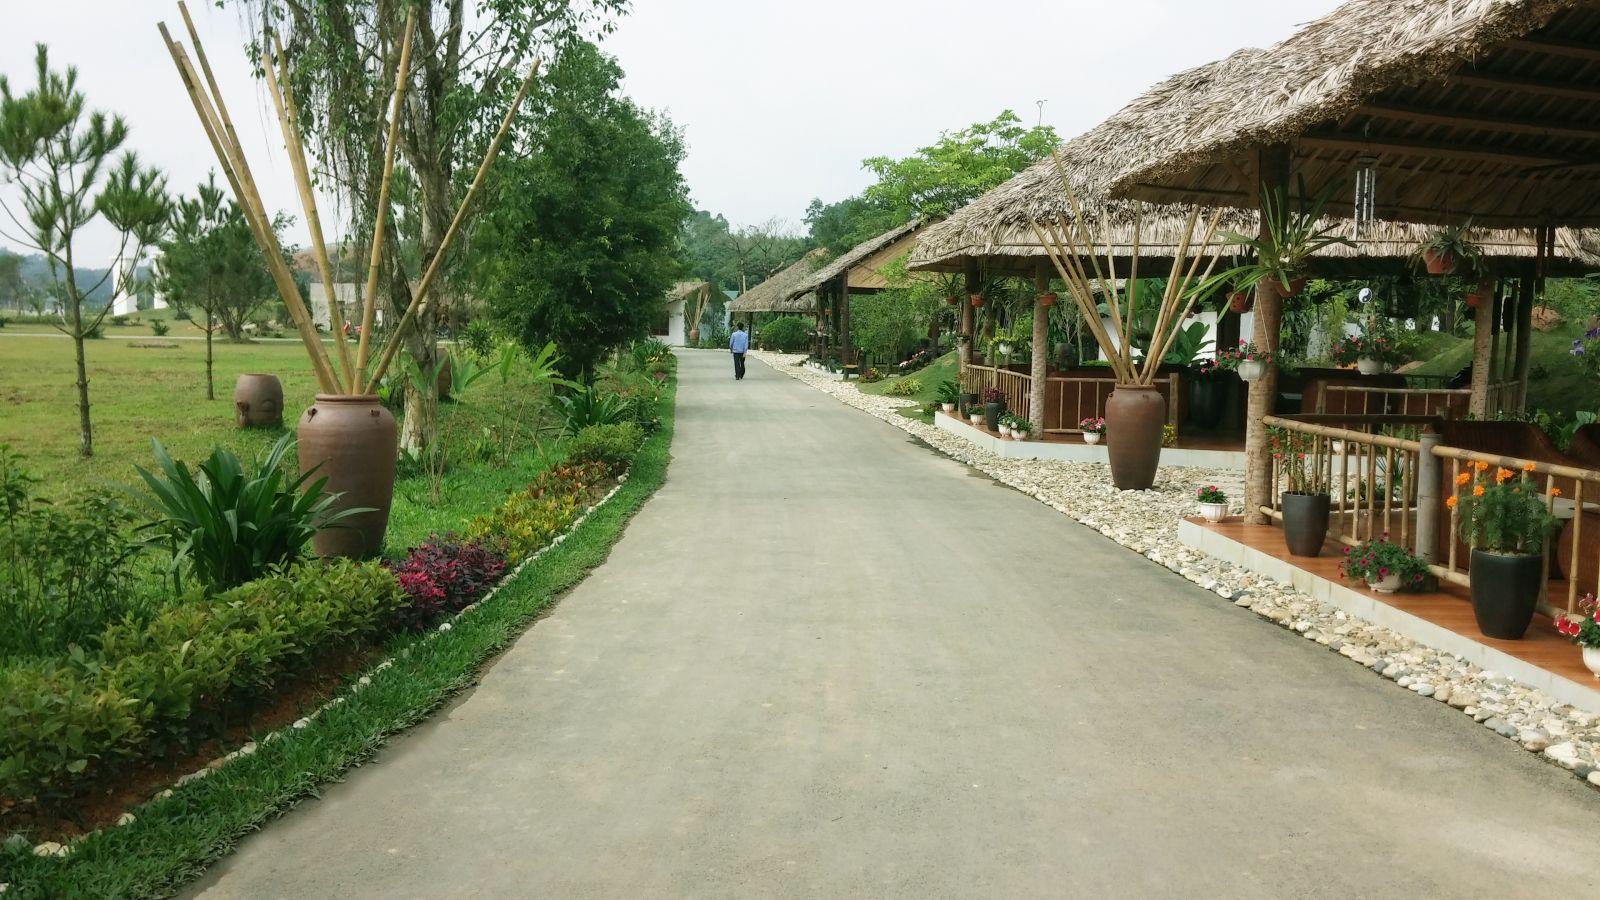 Hà Nội công bố quy hoạch nghĩa trang đến năm 2050